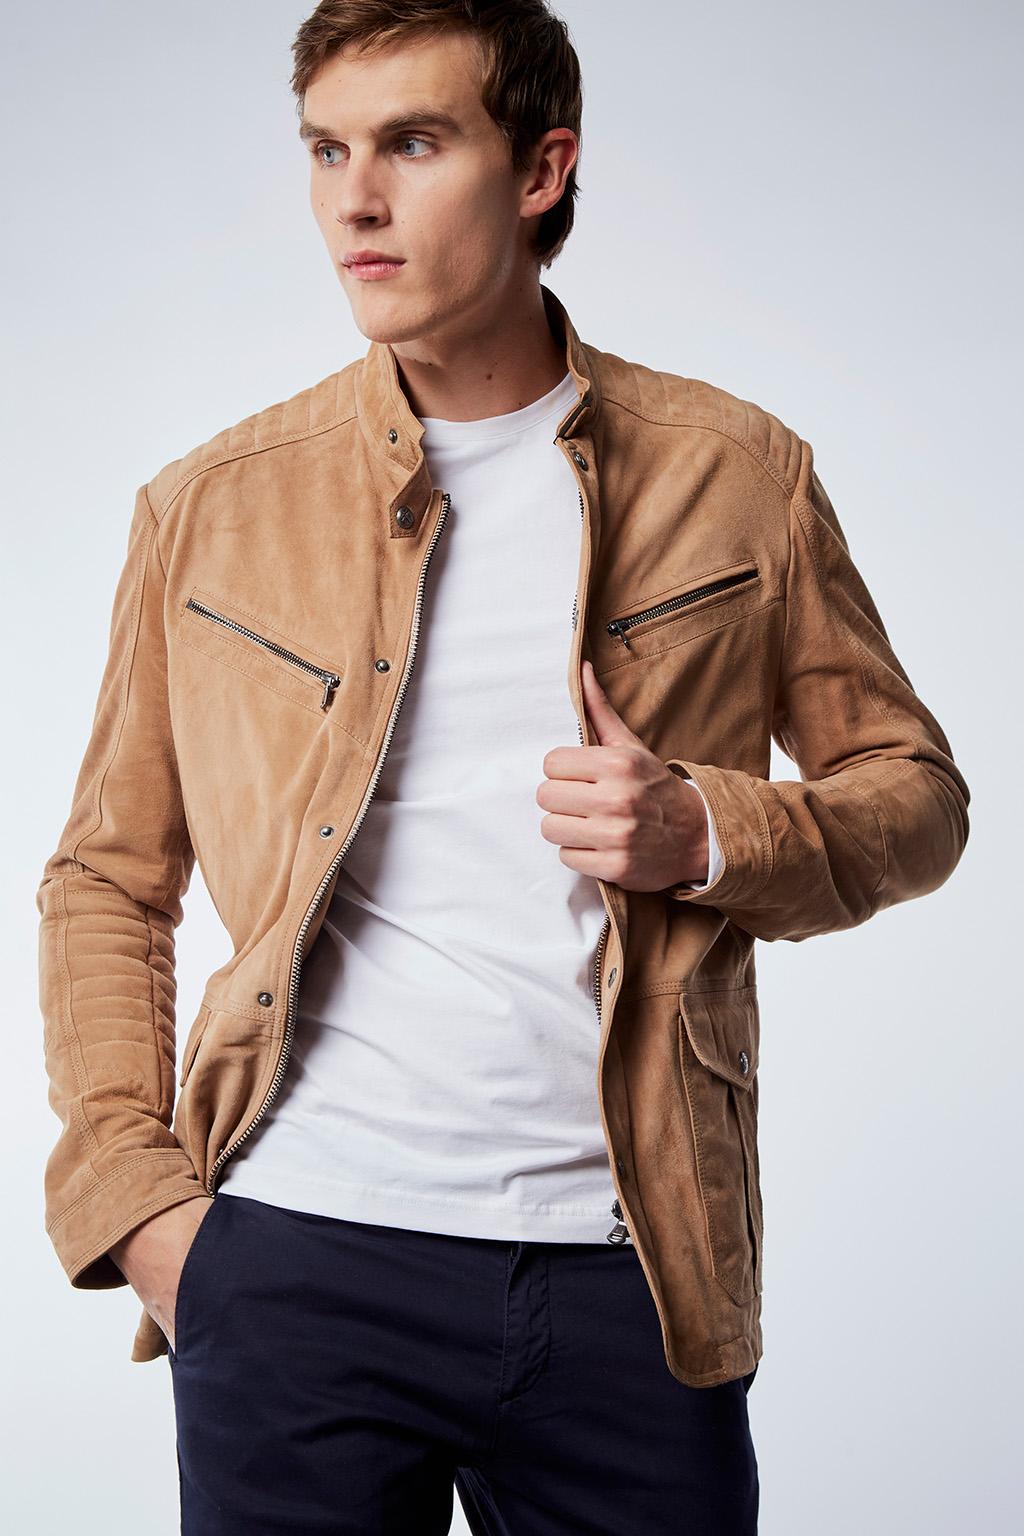 Vente privée Izac disponible sur Showroomprivé vêtements et accessoires pour homme, veste en cuir marron,